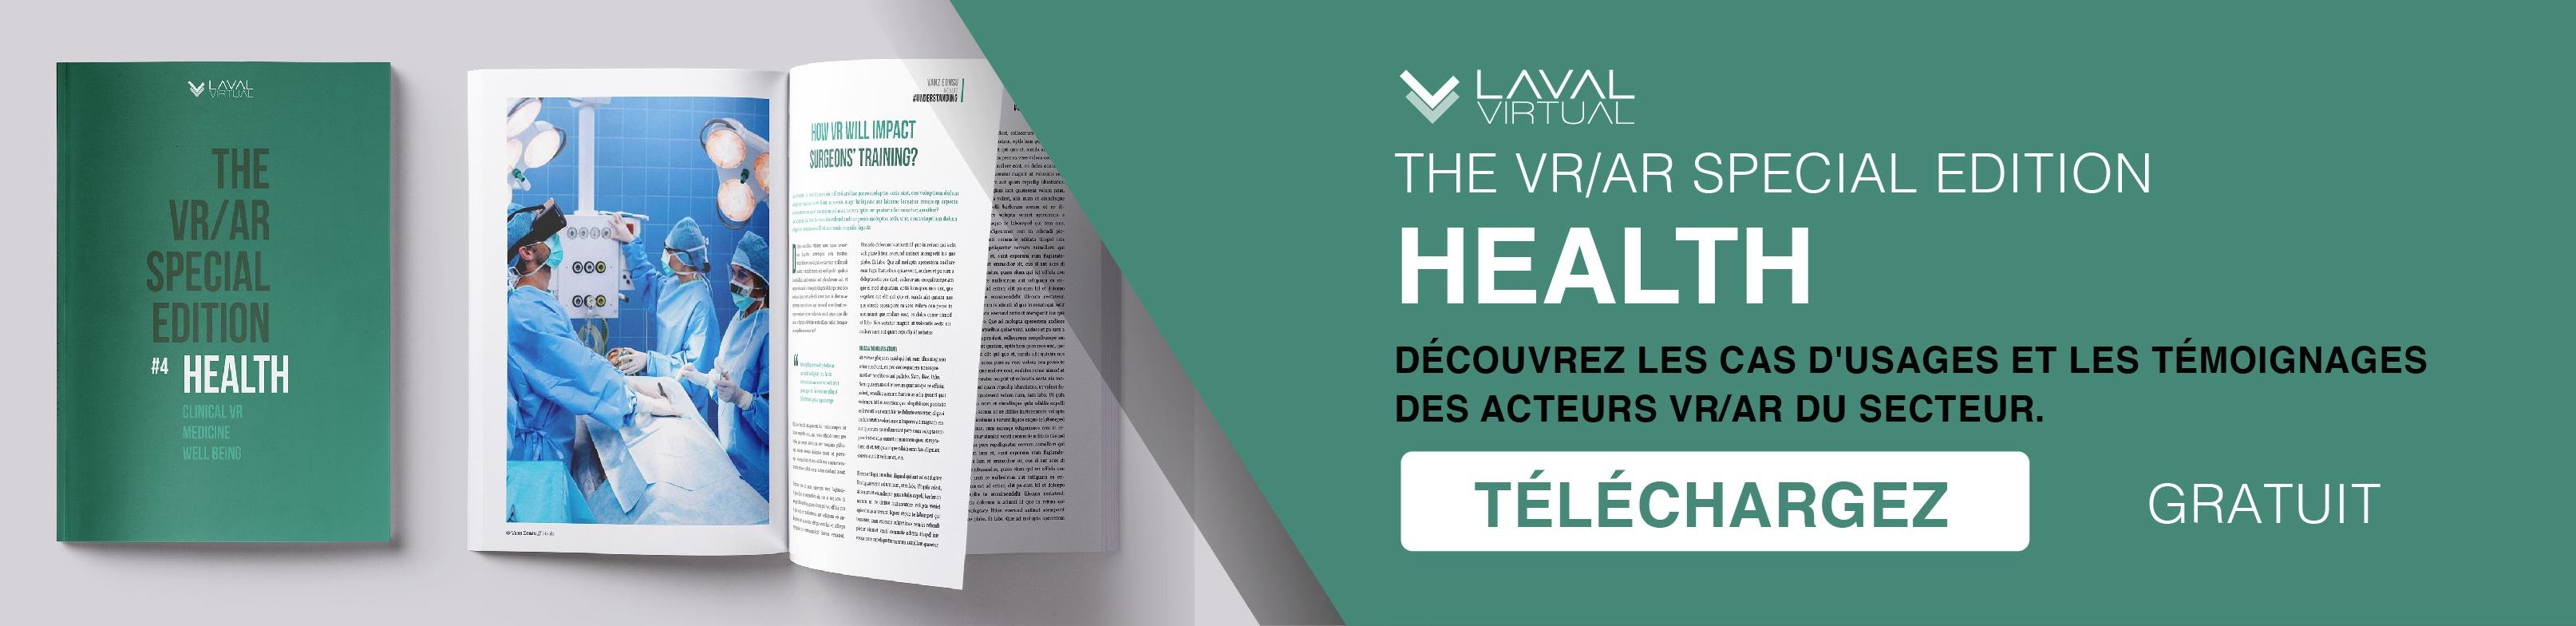 Acheter le magazine VR/AR dédié à la santé